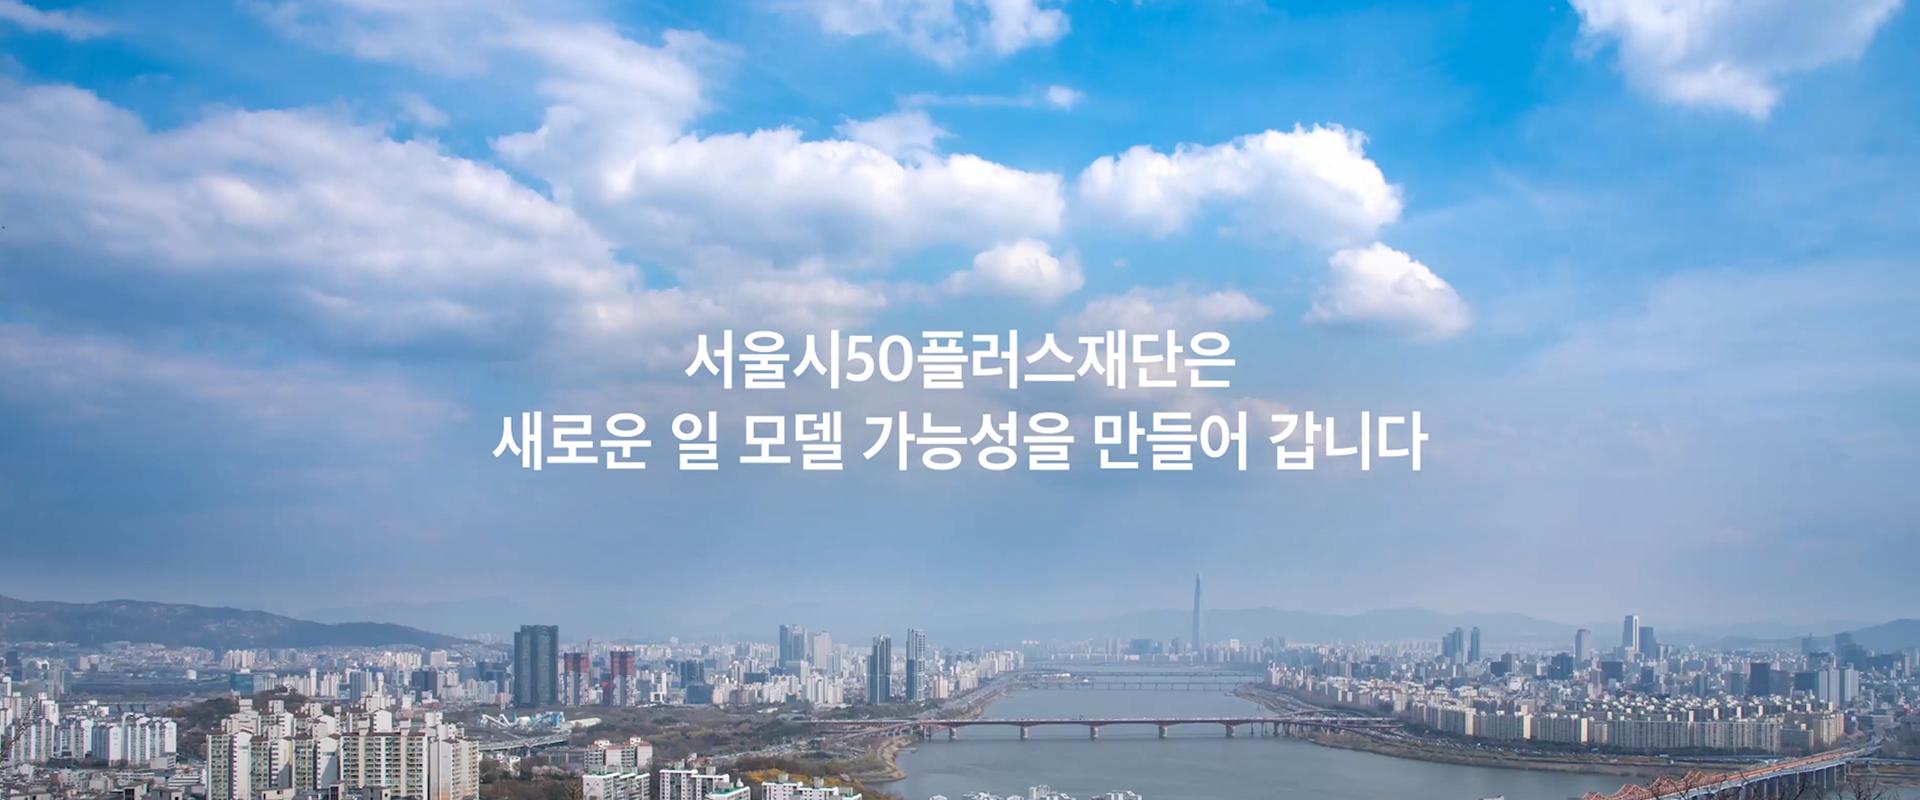 서울50플러스